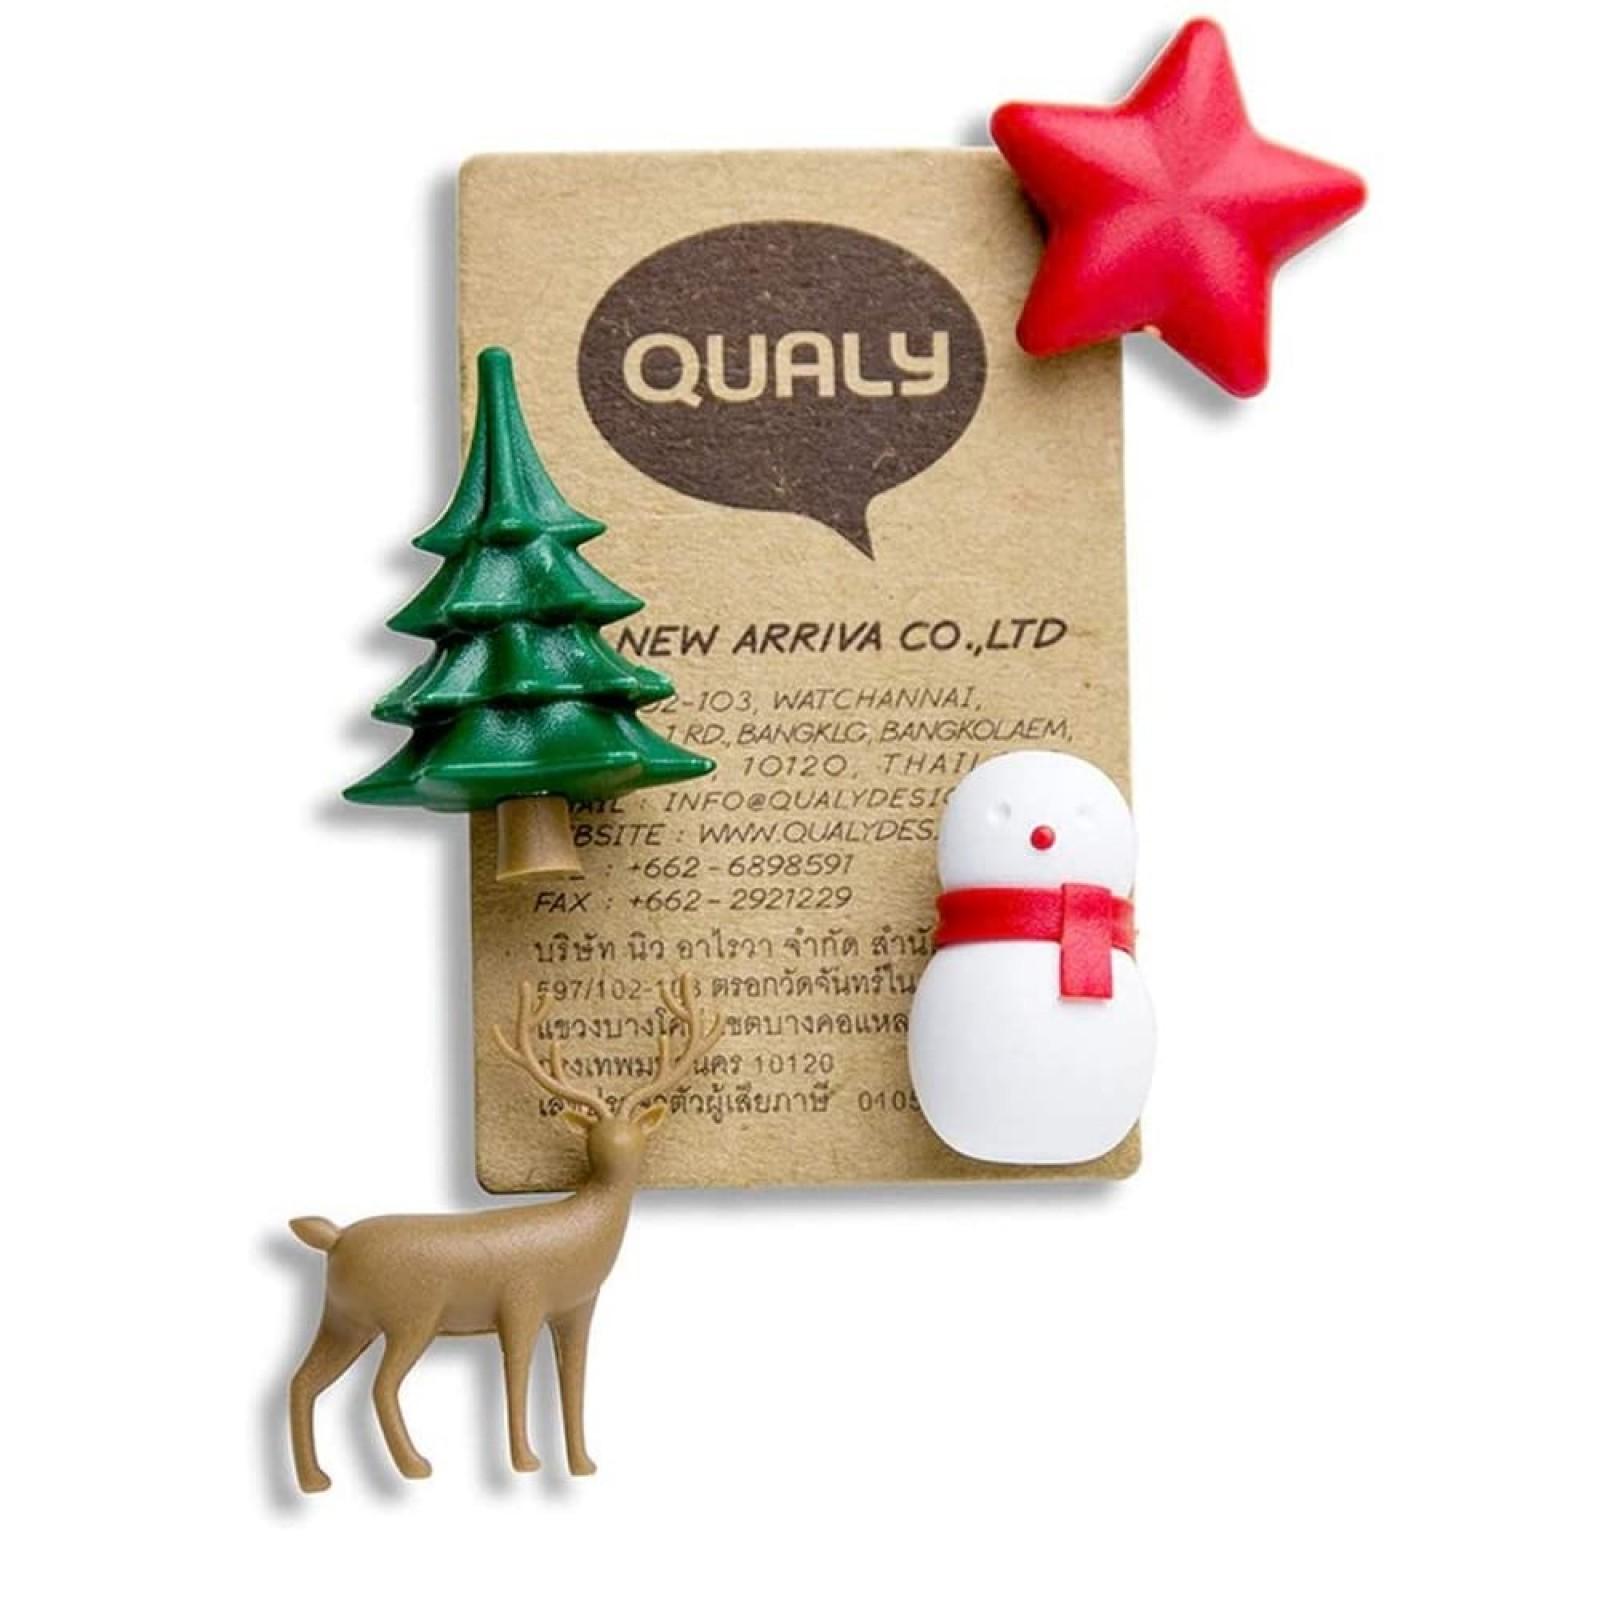 Χριστουγεννιάτικα Μαγνητάκια Winter Wonder (Σετ των 4) - Qualy